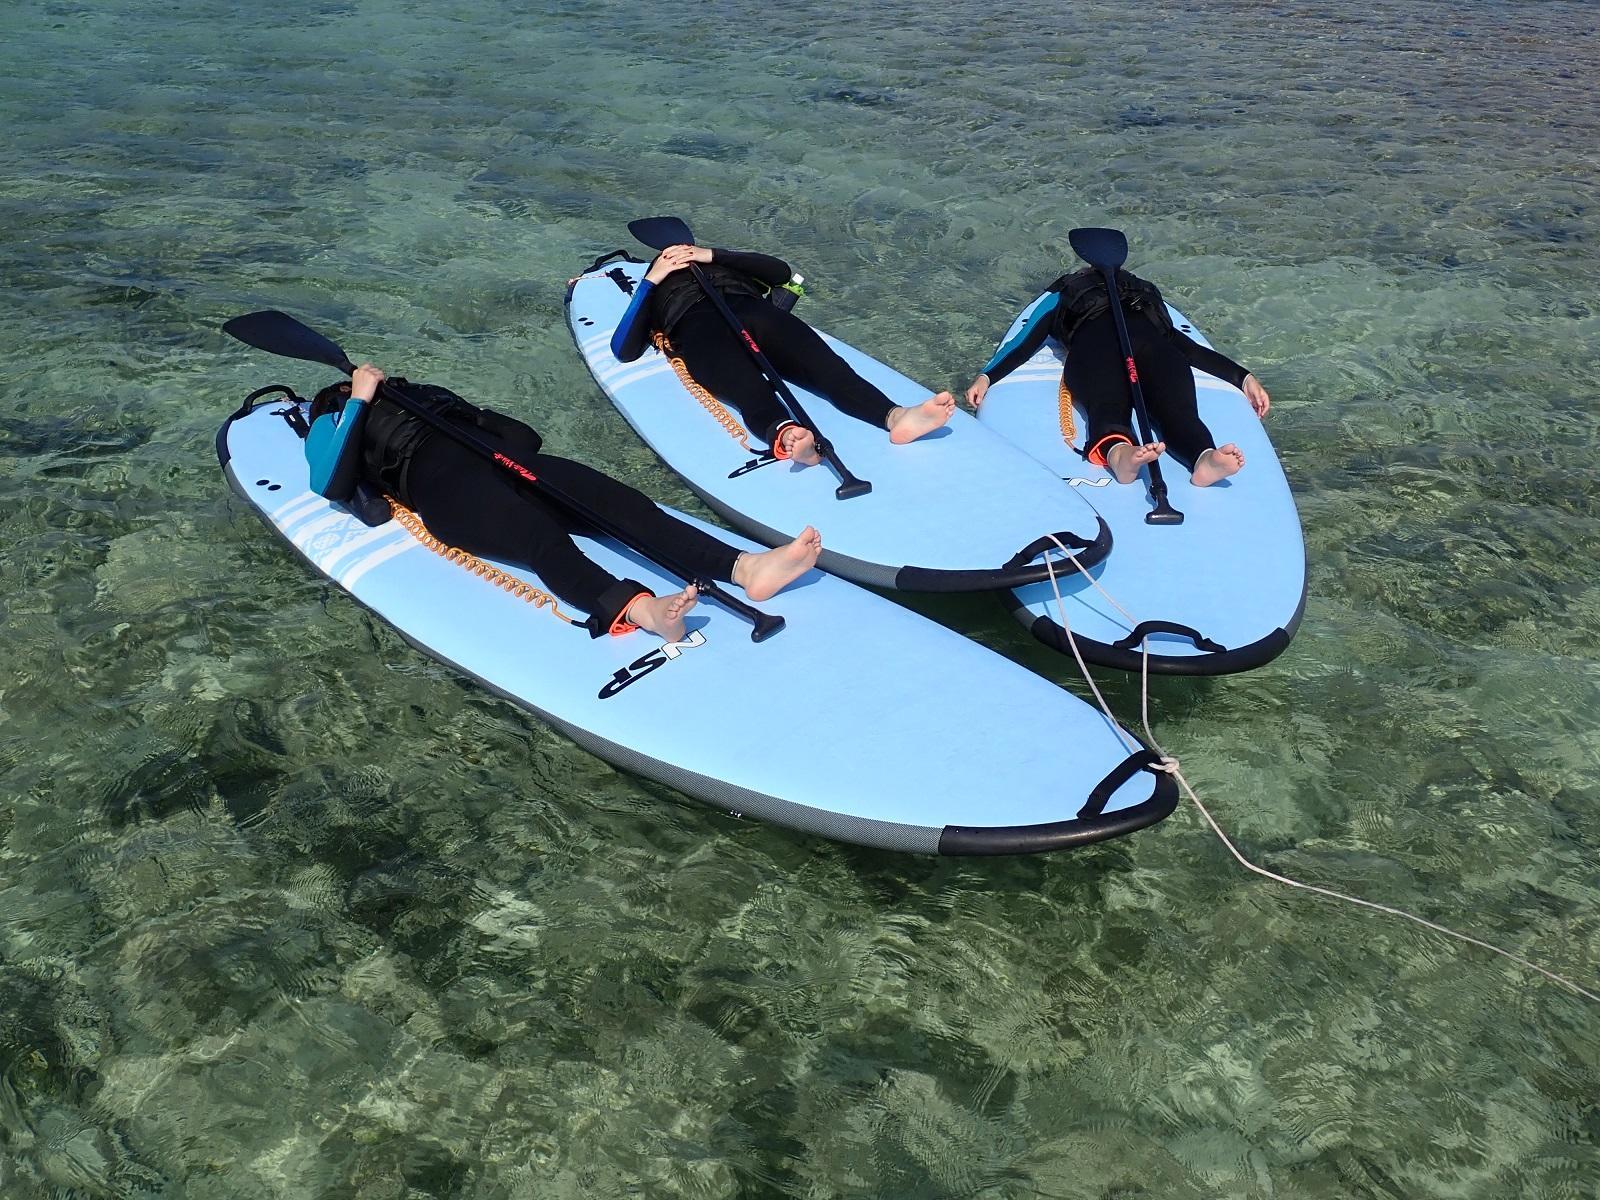 注目度&人気No1アクティビティのスタンドアップパドルボードと沖縄の海遊びの定番シュノーケリングが一緒に楽しめるお得なセットプラン♪親切・丁寧にレクチャーいたしますのでご安心ください♪沖縄本島北部・山原でSUPとシュノーケリングのセットプラン♪ 9:00~